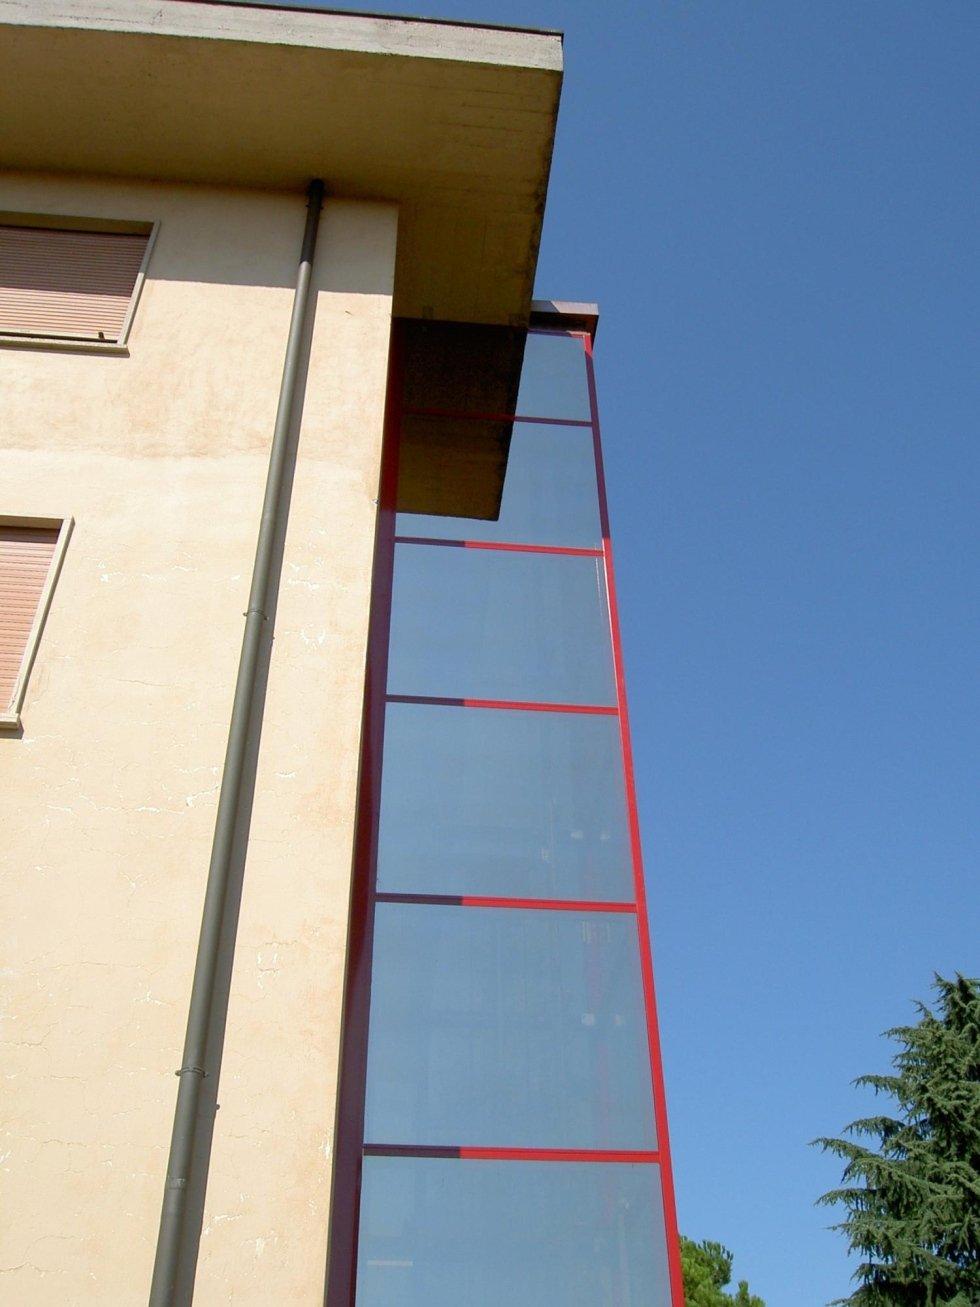 ascensore panoramico in vetro con profili rossi